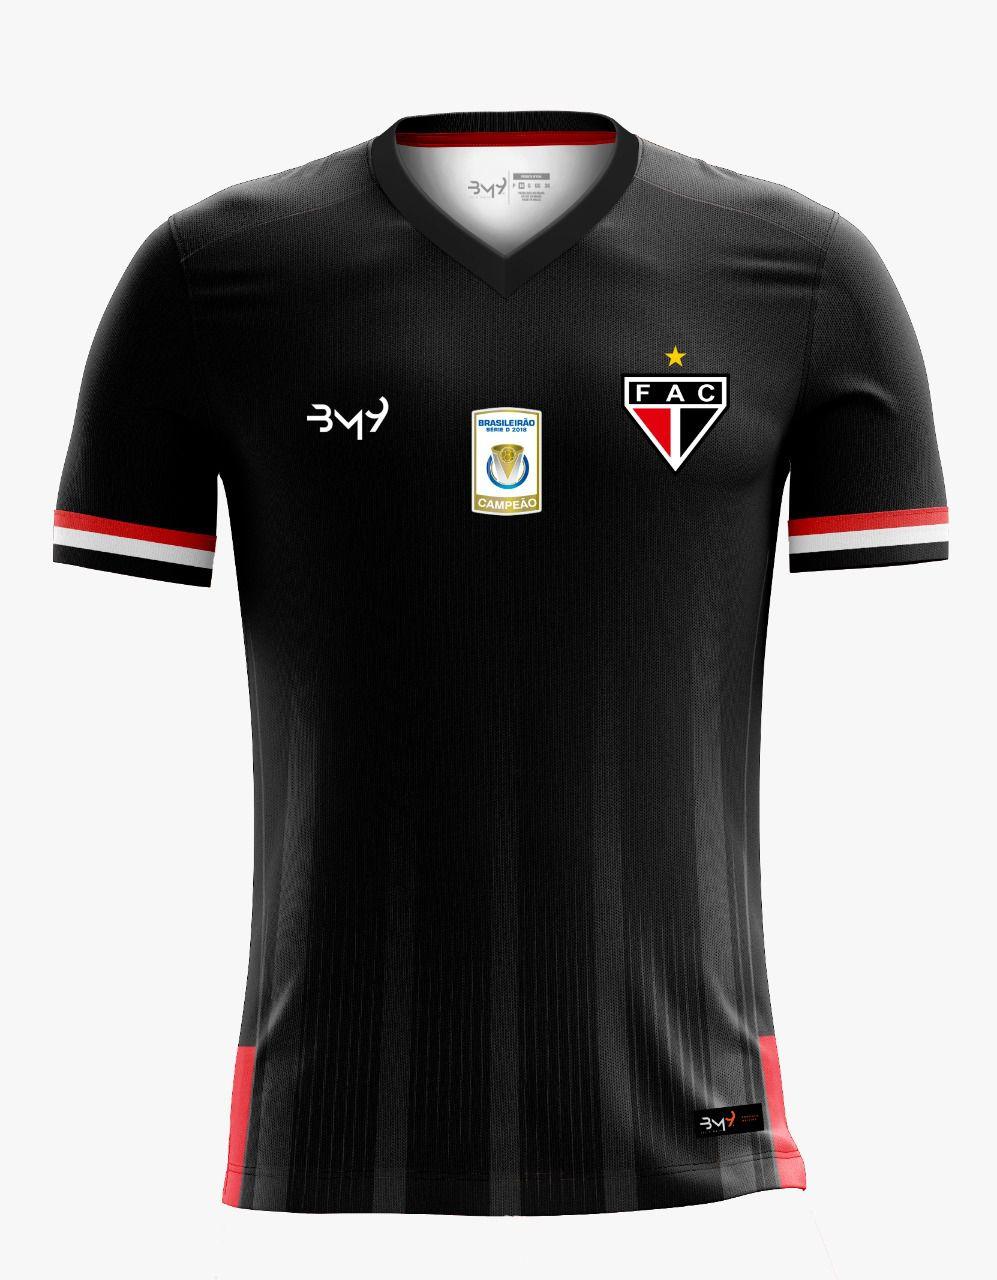 Camisa Uniforme 03 sem  patrocínio REF.1008121  - Ferrão Store